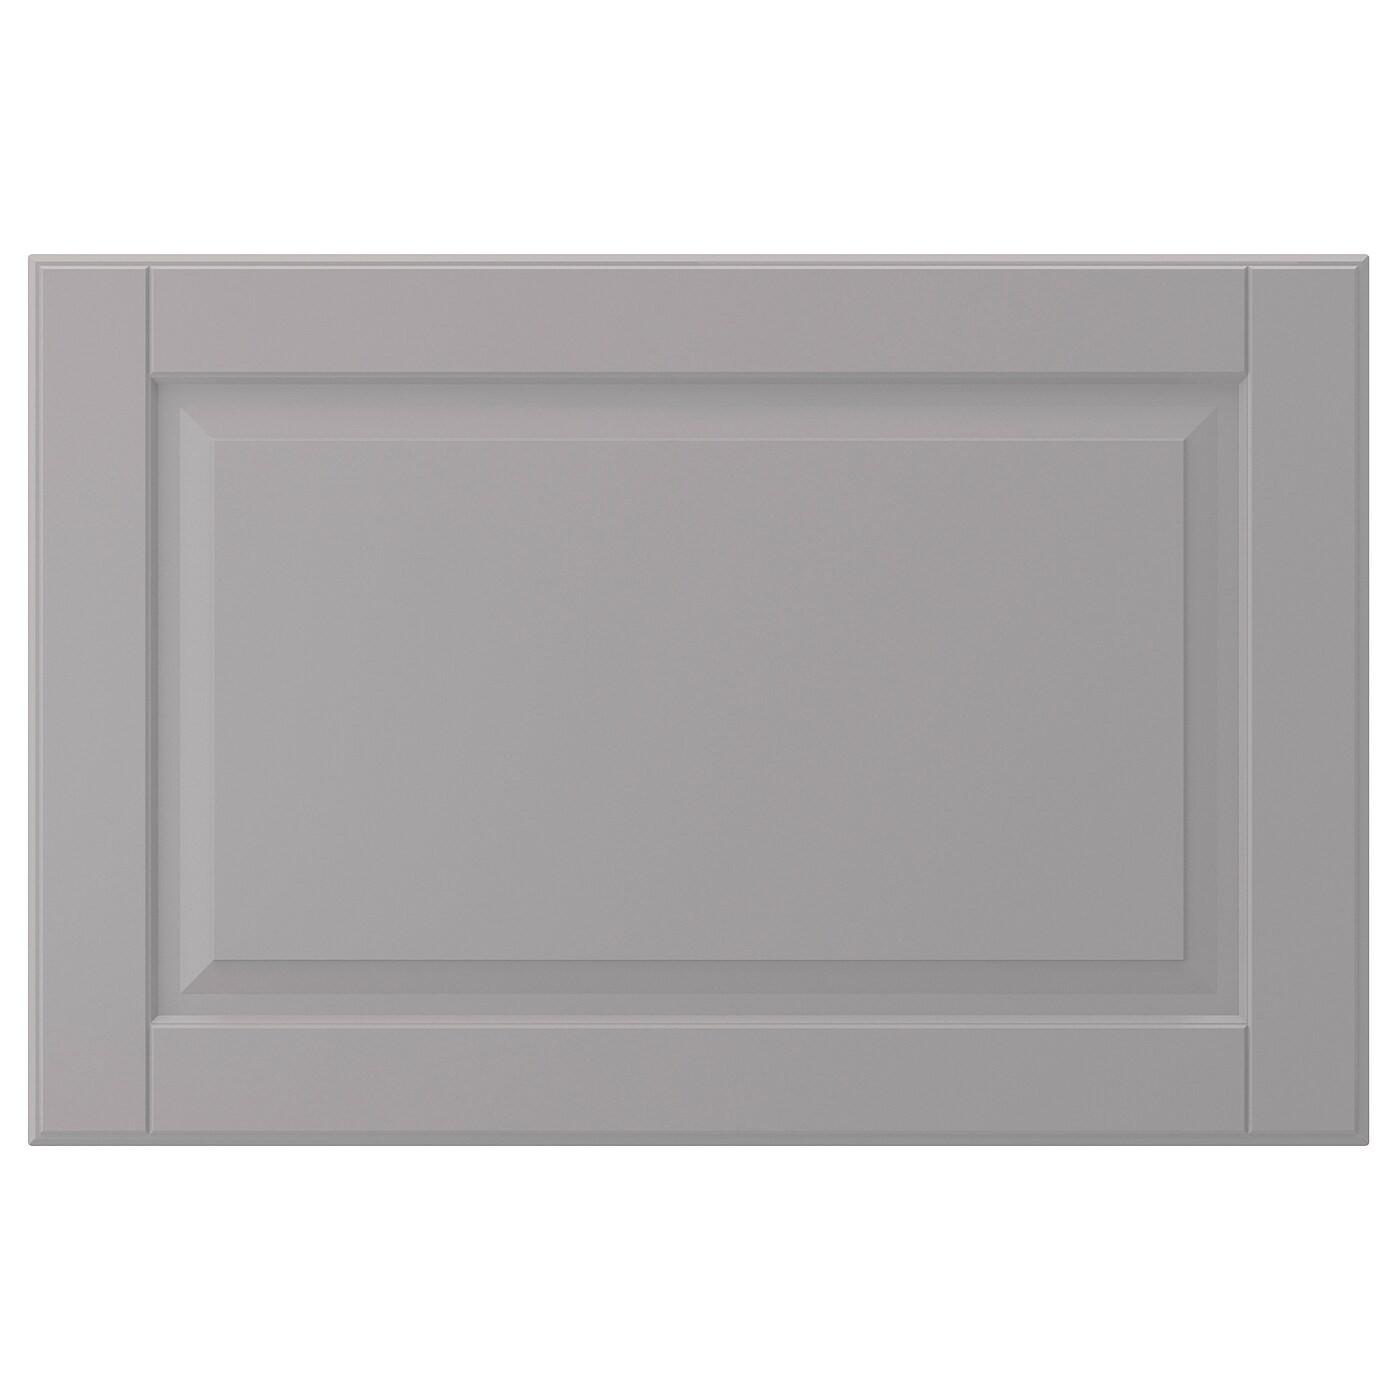 IKEA БУДБИН Фронтальная панель ящика, серый, 60x40 см 802.210.50